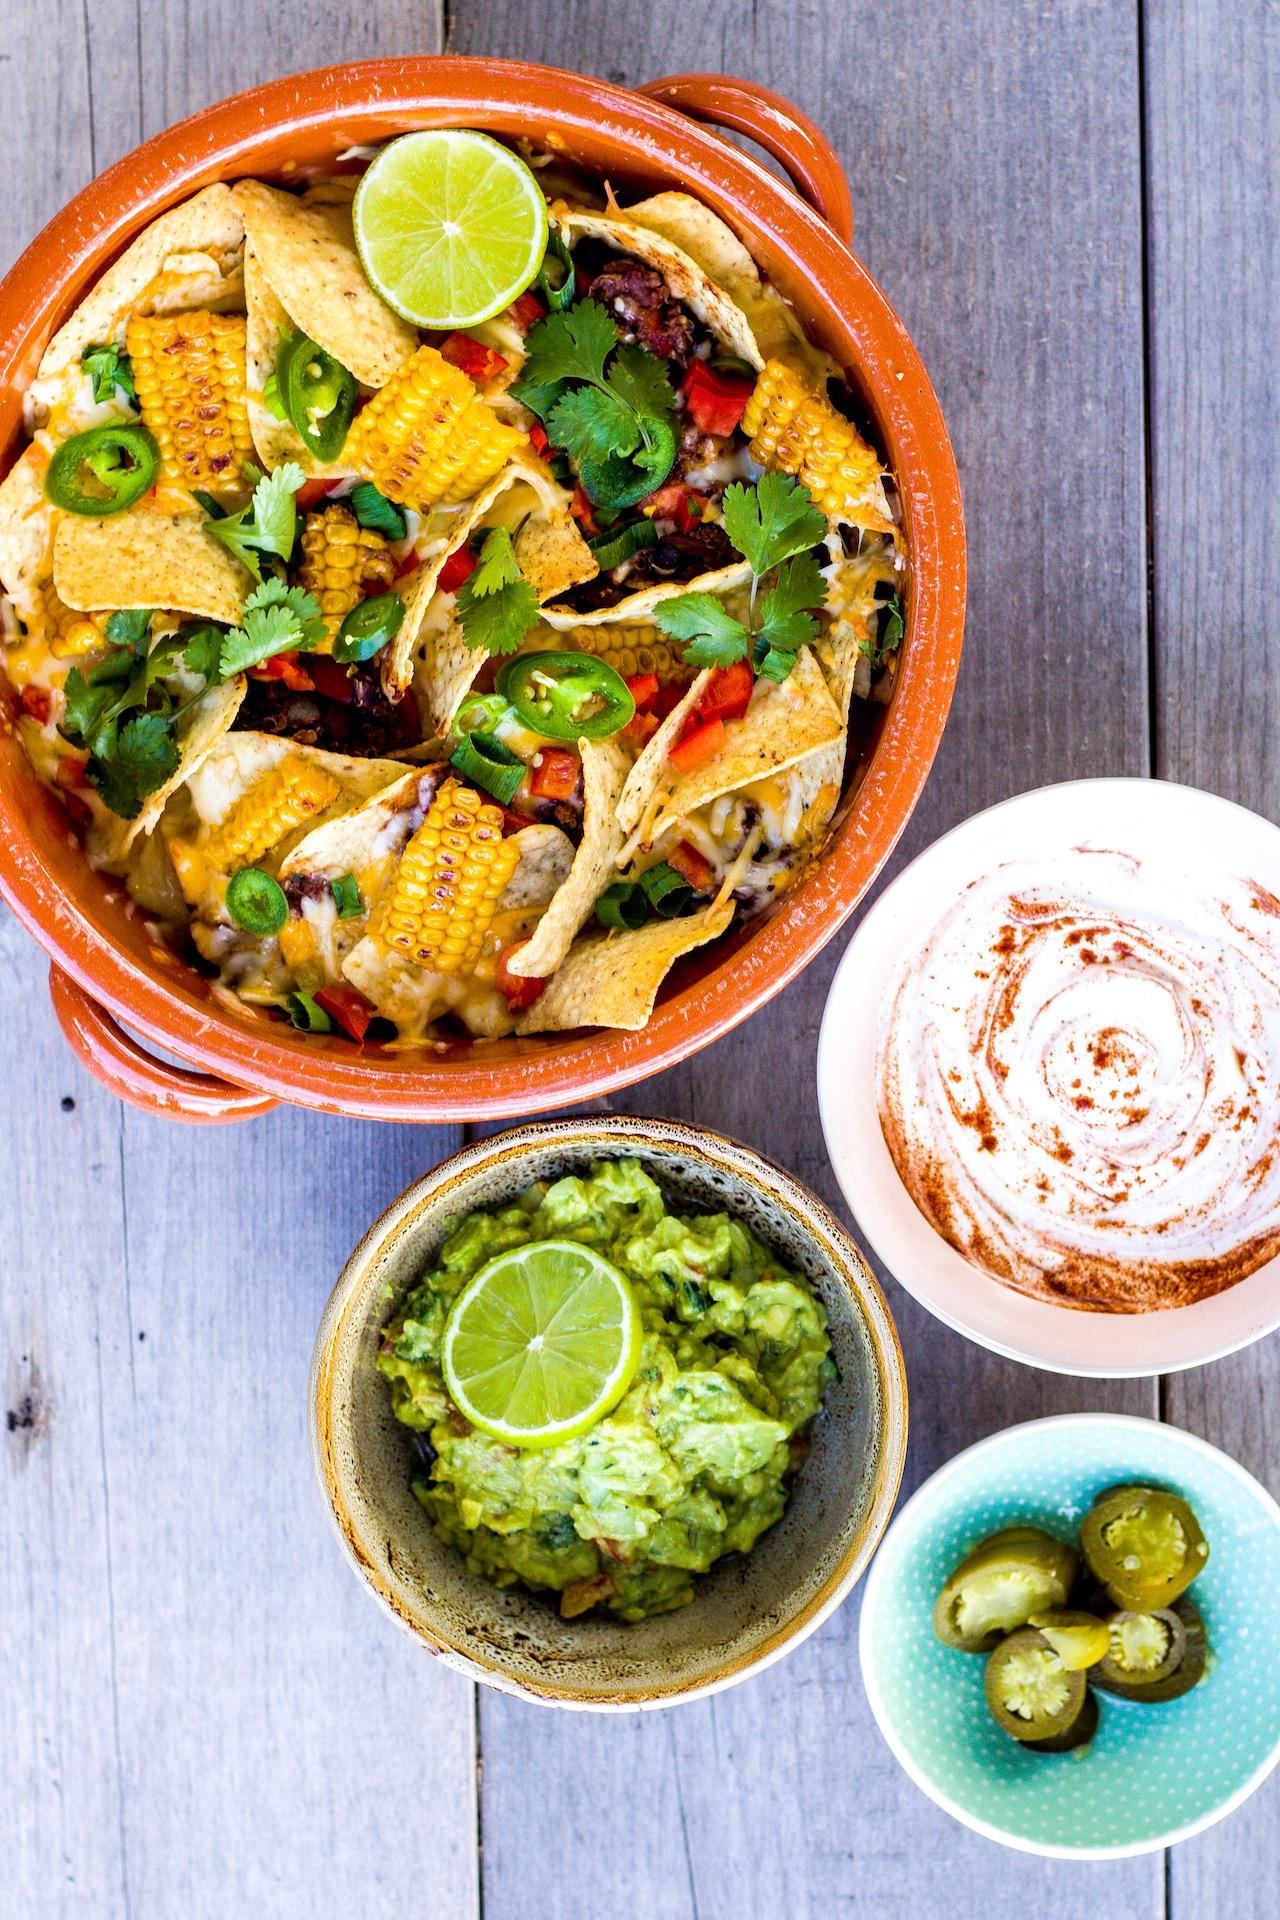 Mexikanische Nacho Casserole mit Guacamole. Einfach köstlich & vegetarisch.  #nachos #mexikanisch #guacamole